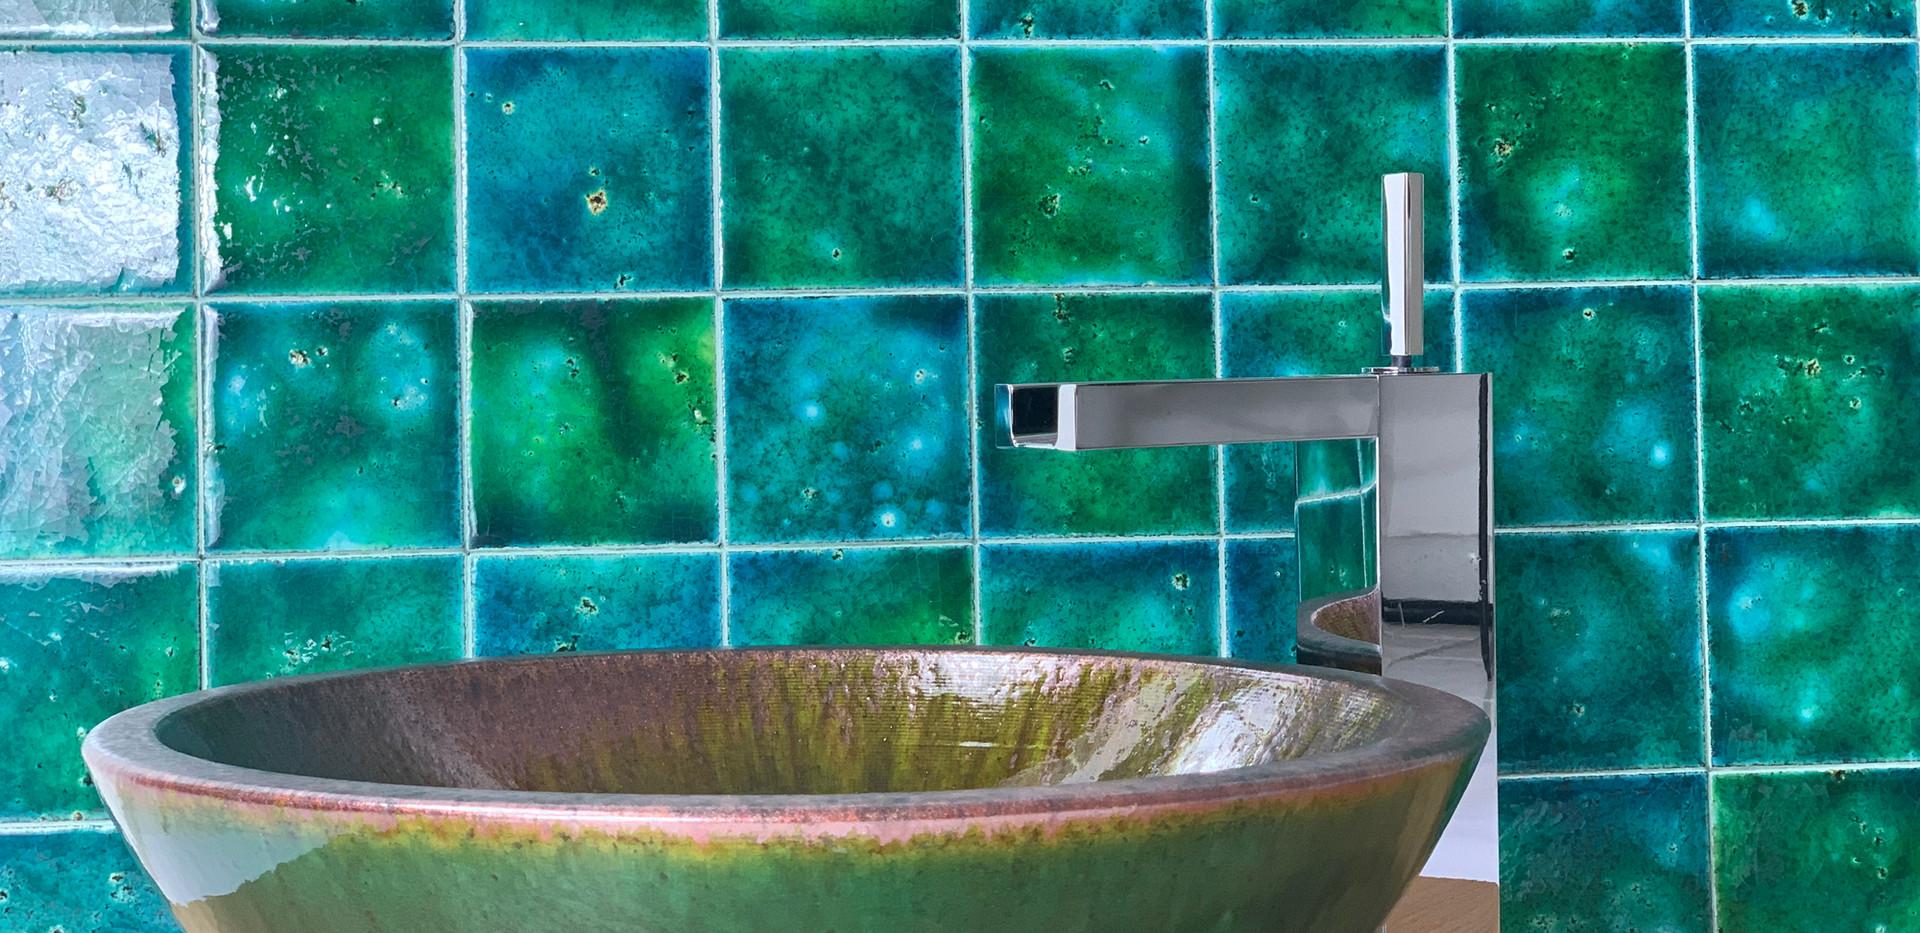 Lavabo in pietra lavica - smaltato verde iLava ilP52 e ossidazione su bordo